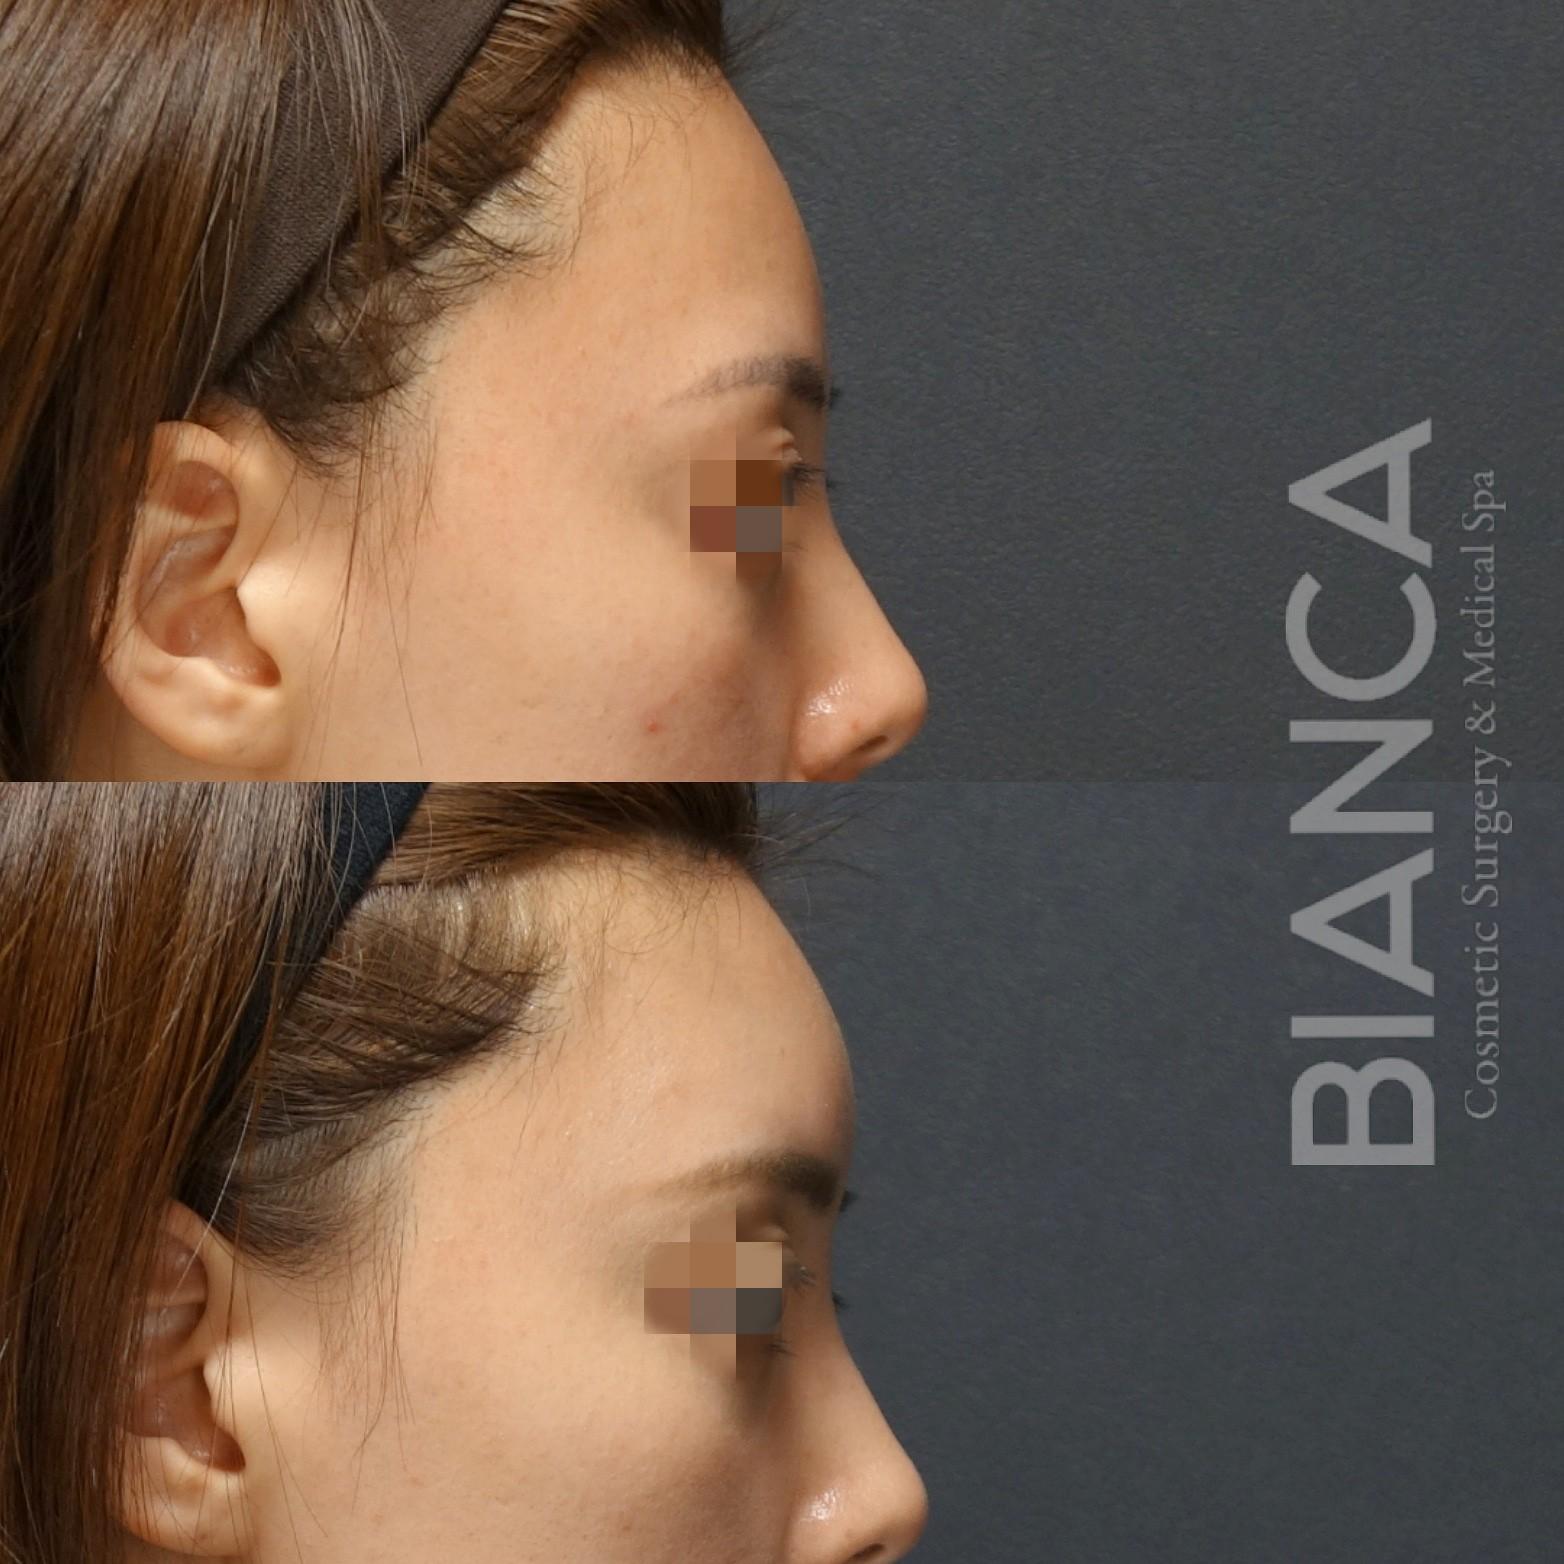 額と鼻の角度☺額ヒアルロン酸